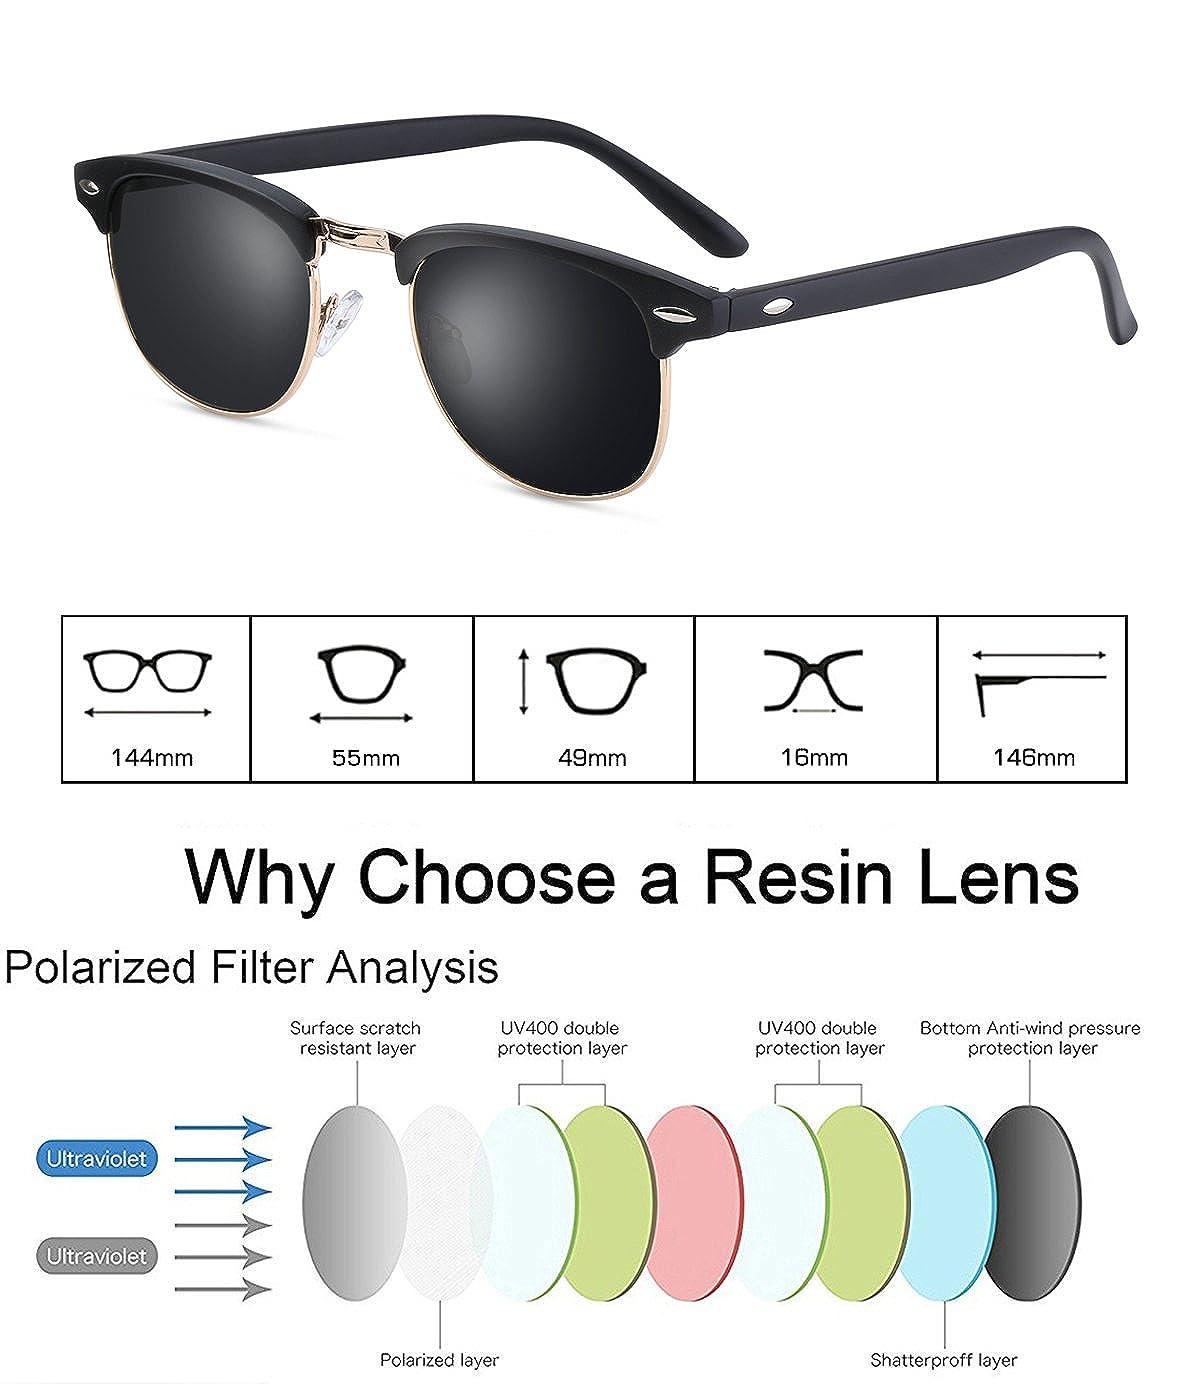 6bfd2d1bb7 Amazon.com  Clubmaster Sunglasses for Men Women - wearpro Retro  Semi-Rimless Polarized Sun Glasses WP1006 (Black Matte2